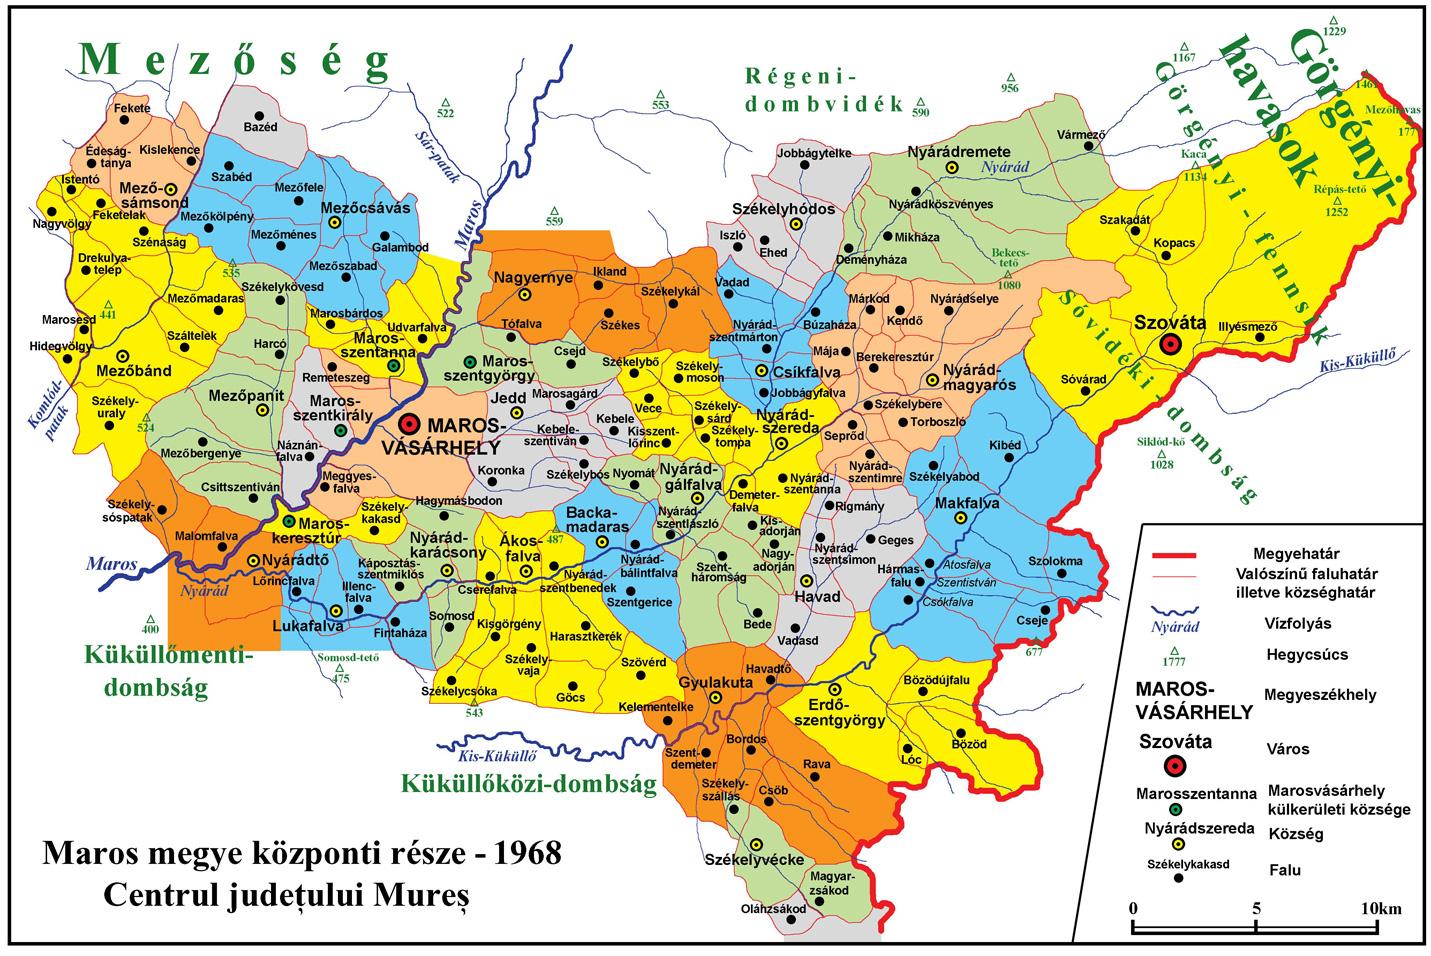 erdély megyéi térkép Az erdélyi megyék közigazgatási határainak változása a középkortól  erdély megyéi térkép